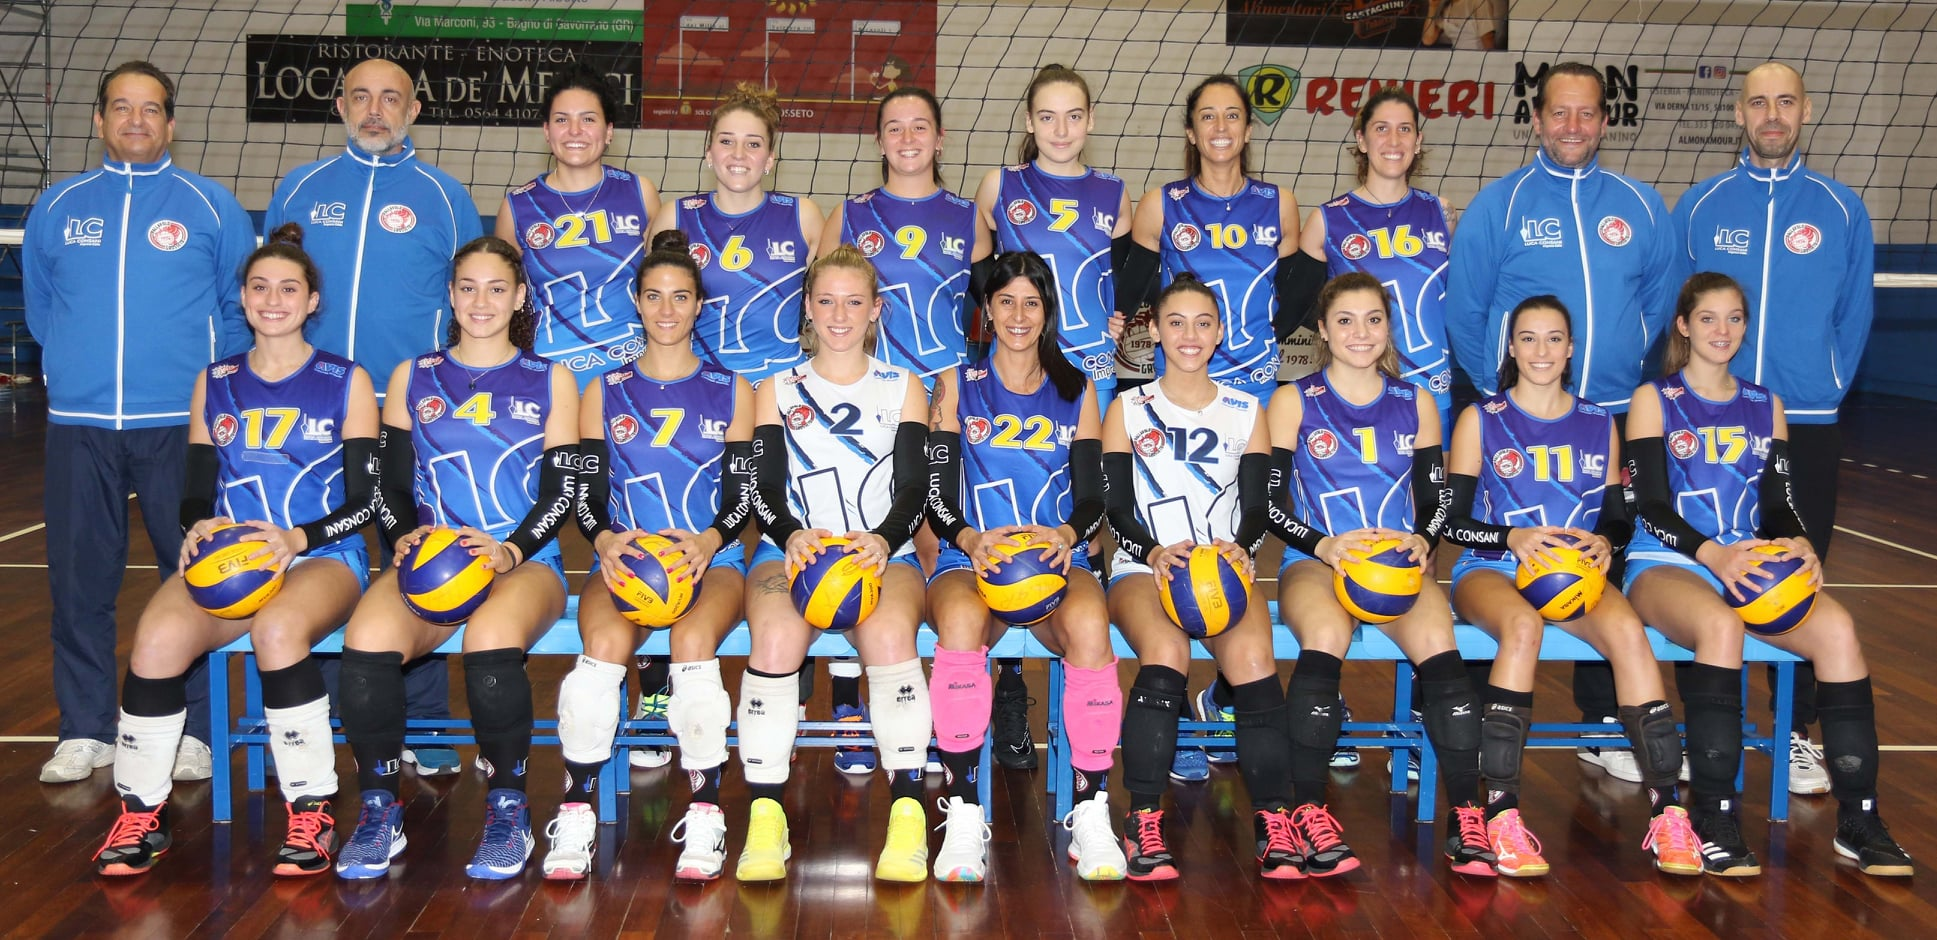 pallavolo-grosseto-1978-luca-consani-squadra-2020-2021